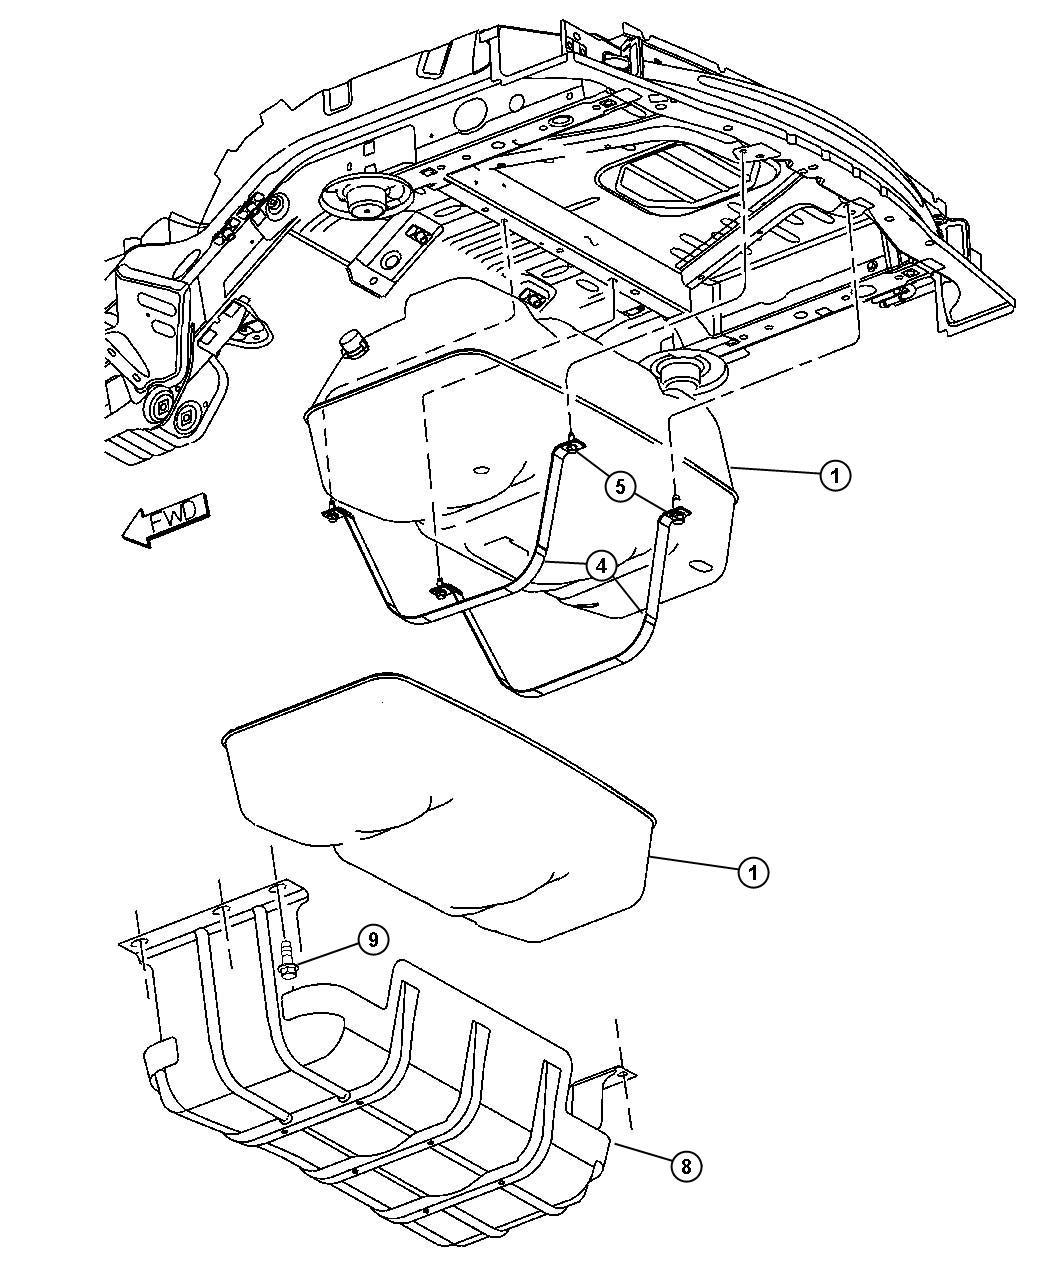 Dodge Avenger Filter Fuel Tank Enginesel